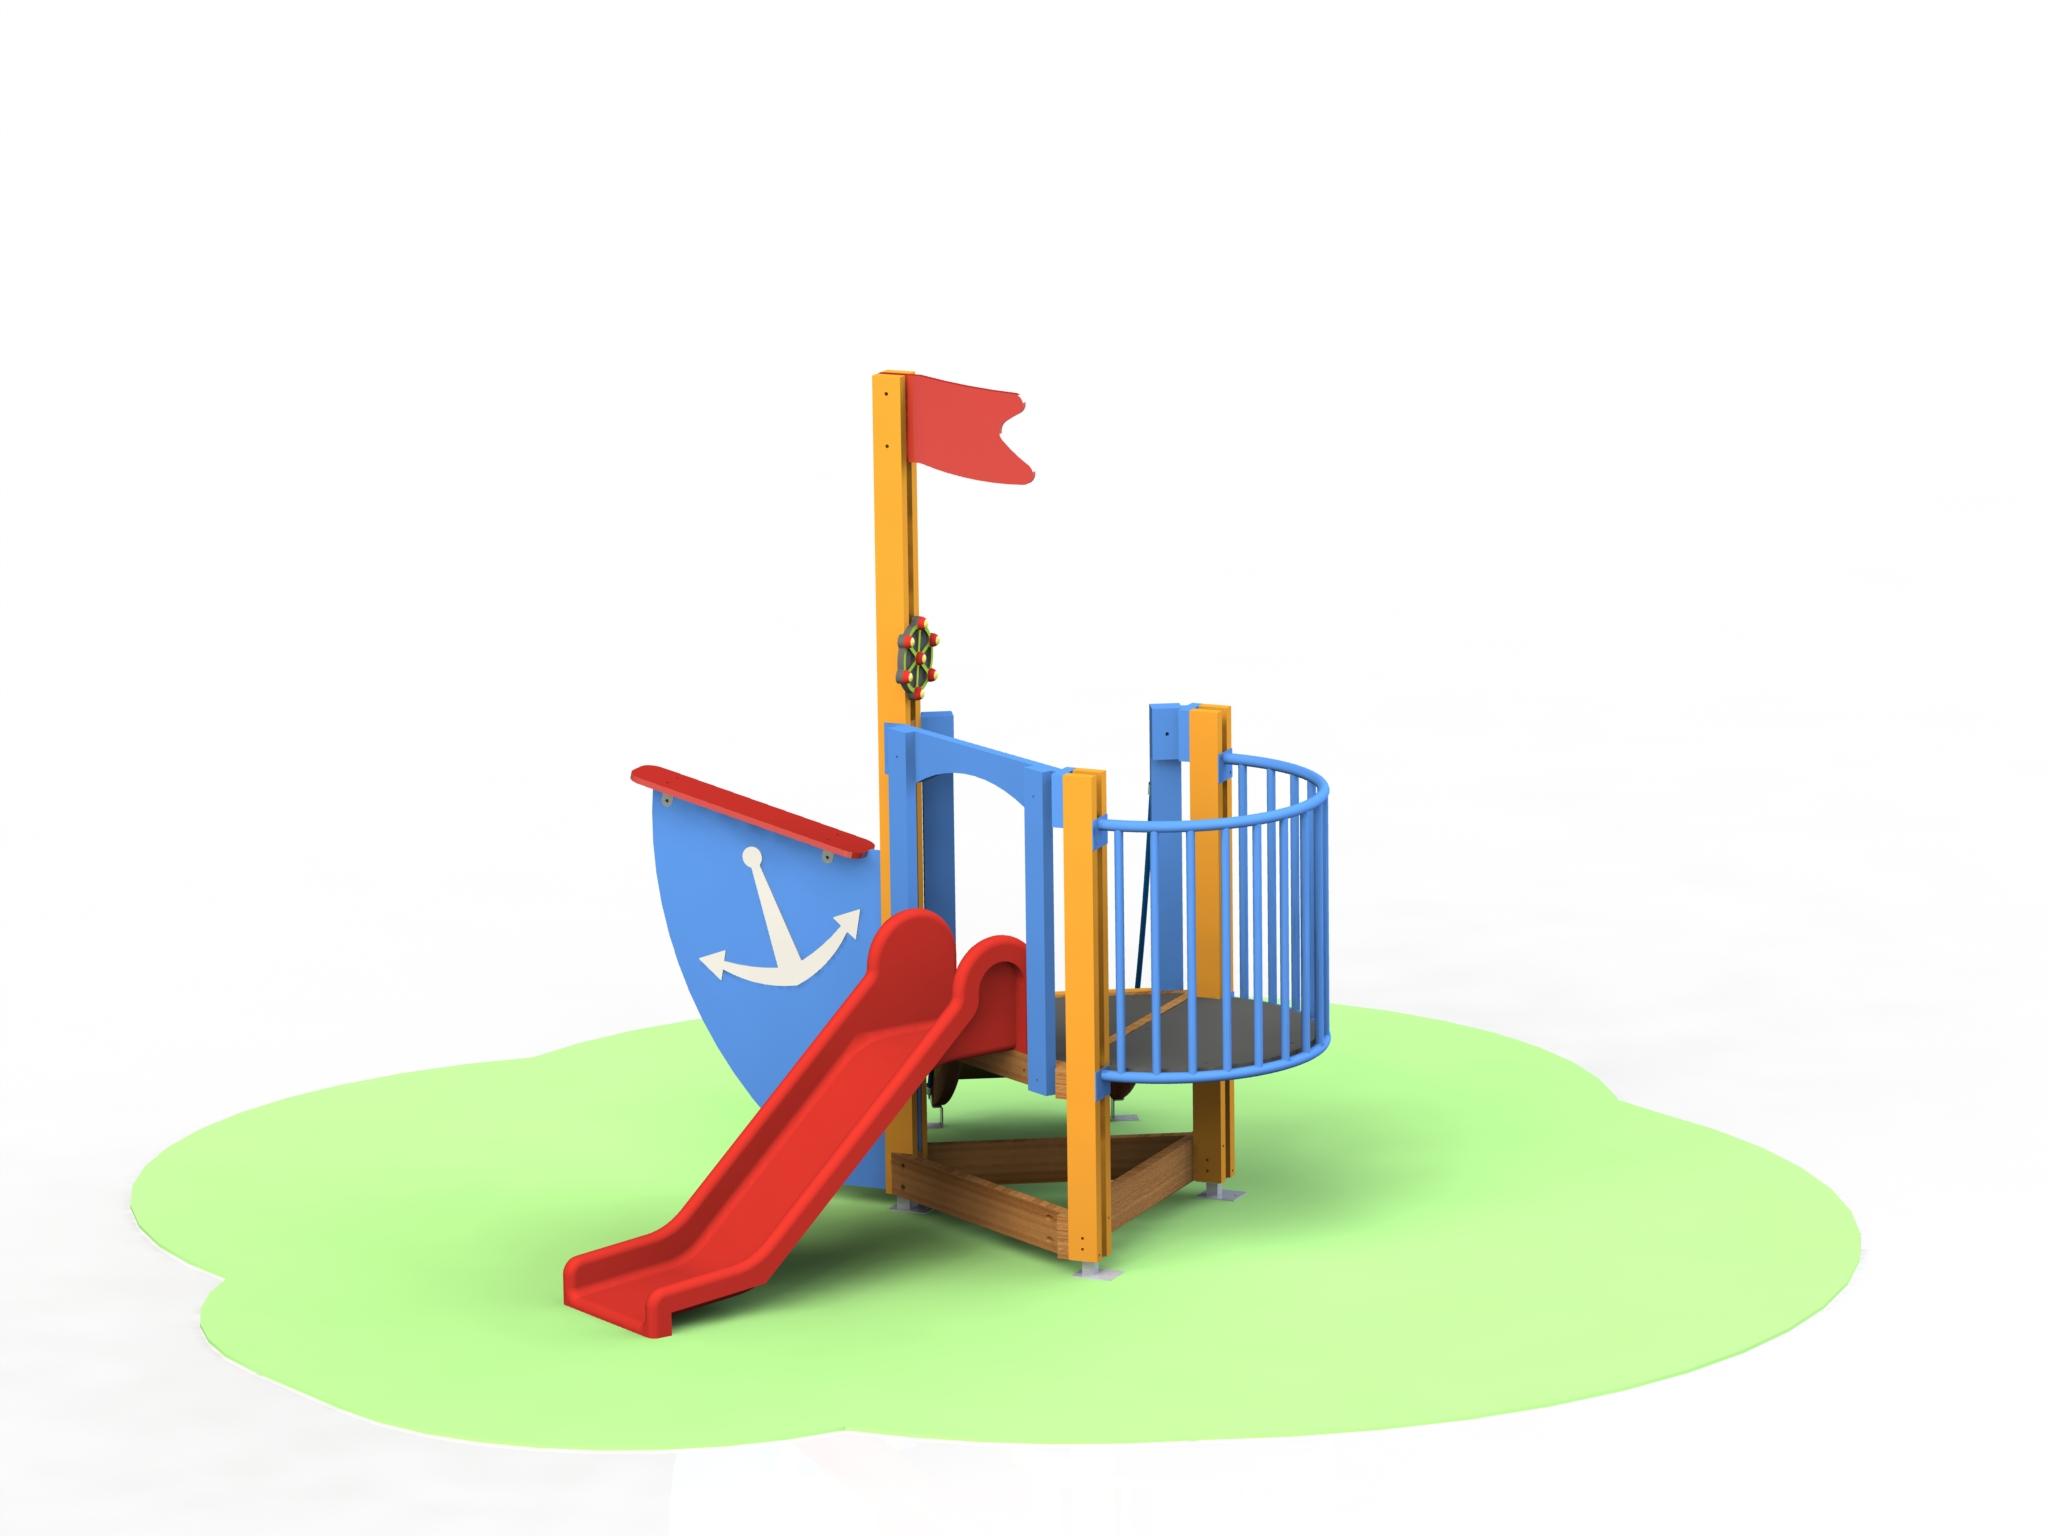 Снимка на продукта: Комбинирано детско съоръжение, модел Т23